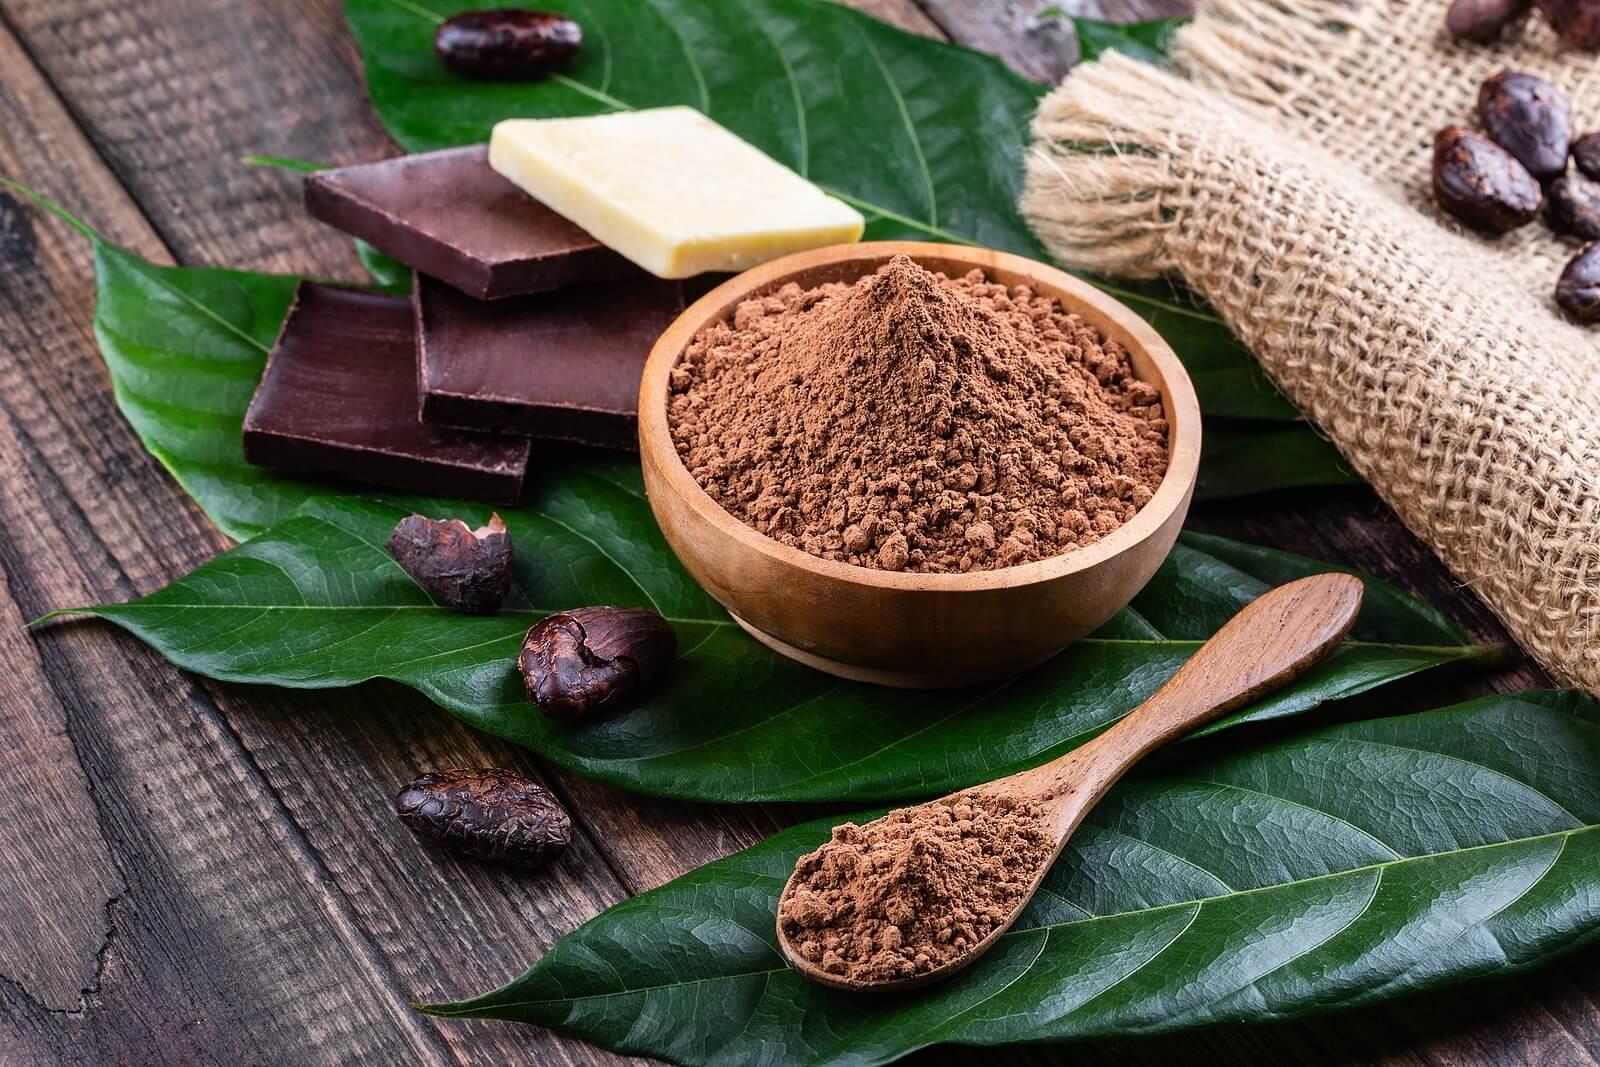 Le cacao a de nombreux avantages pour les enfants.